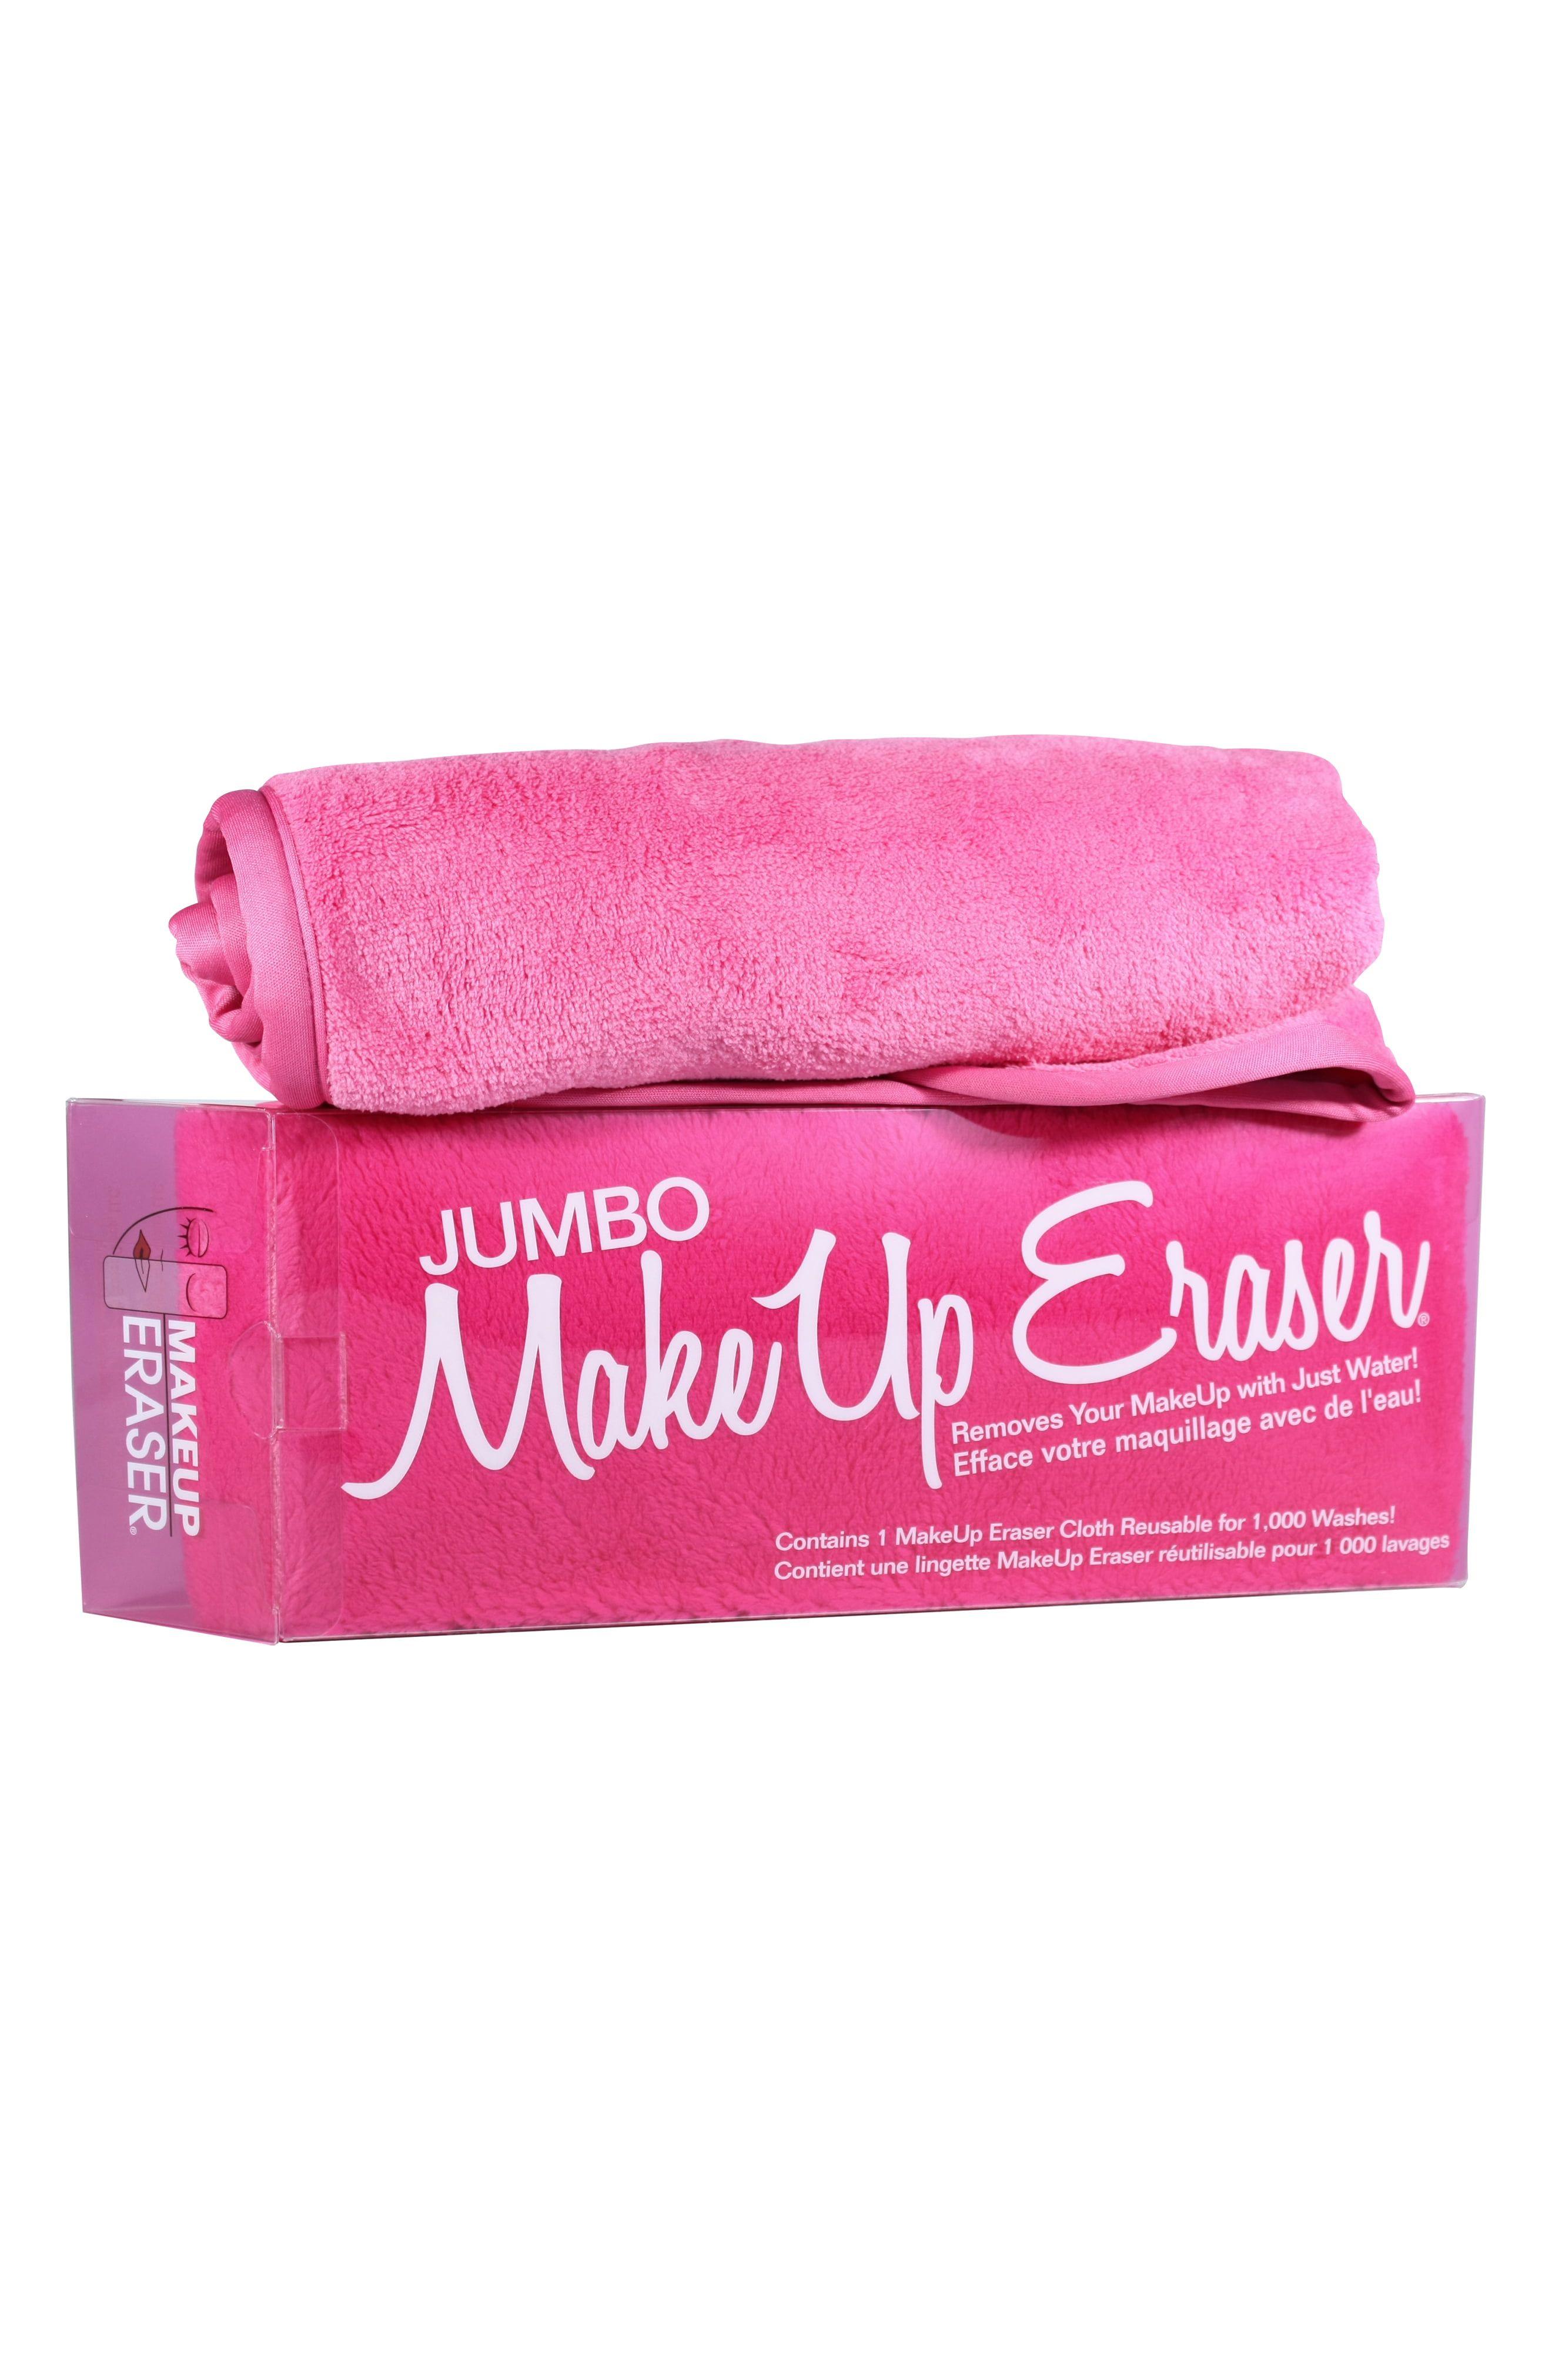 Makeup Eraser Jumbo Makeup Eraser (Limited Edition